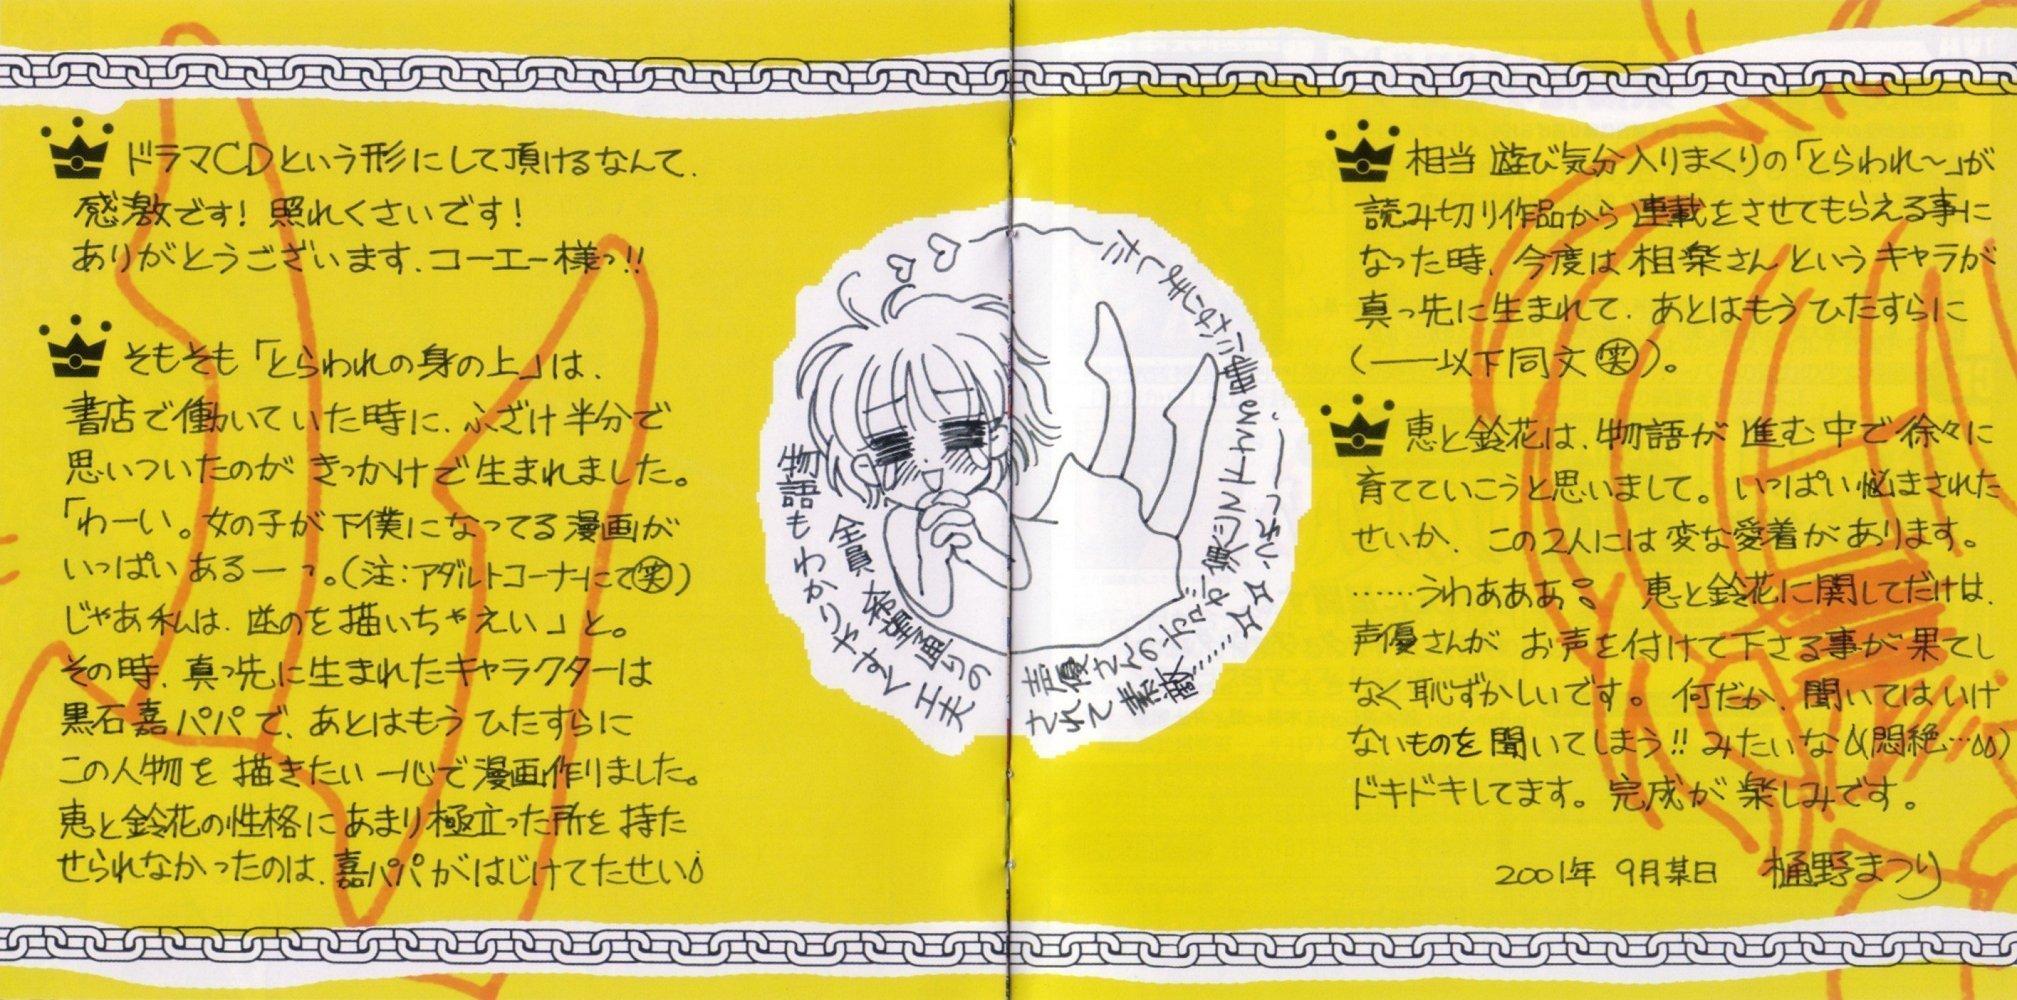 TORAWARE NO MINOUE *** Matsuri Hino*** Cd_torami_livret06